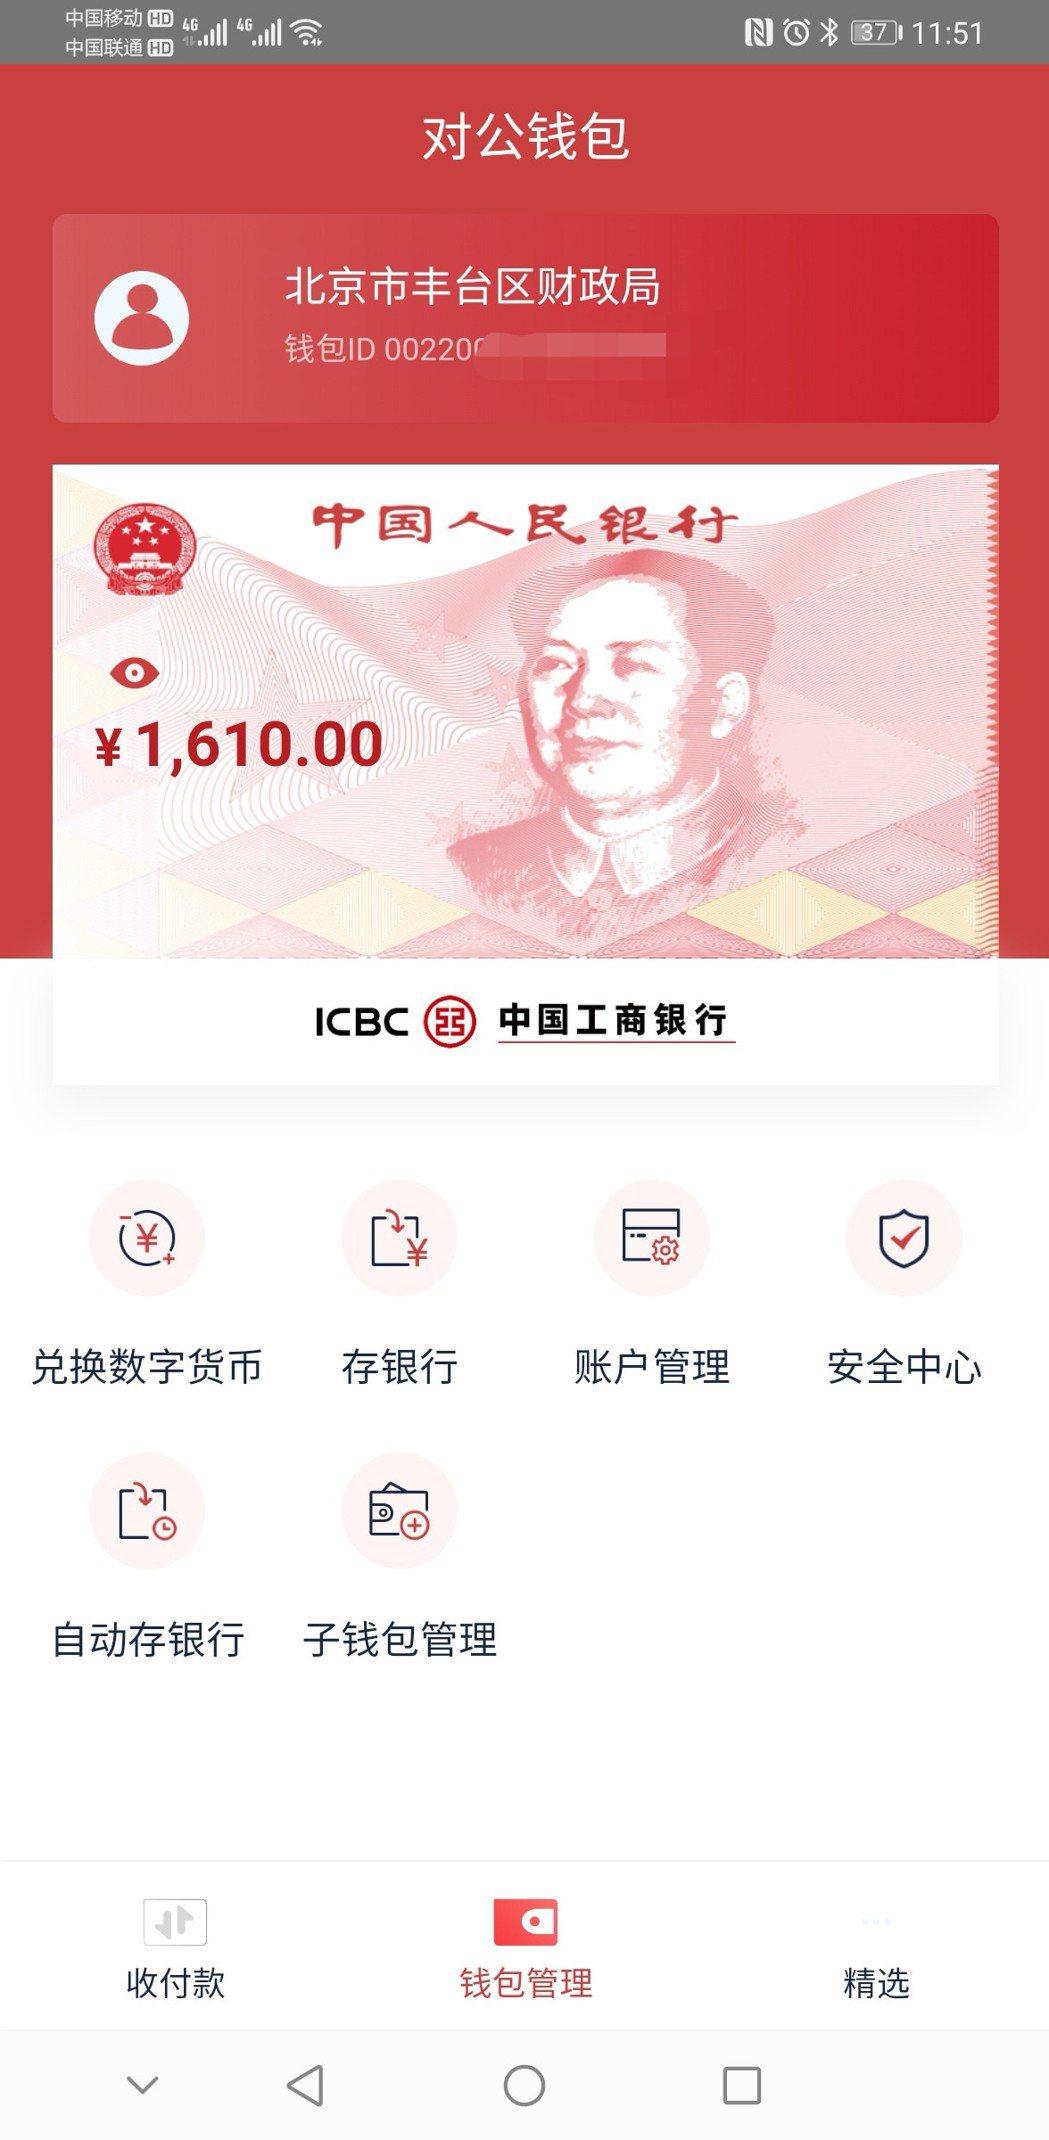 北京豐台區職工大學日前透過數位人民幣錢包繳納一筆人民幣1,610元的學費。照片/...